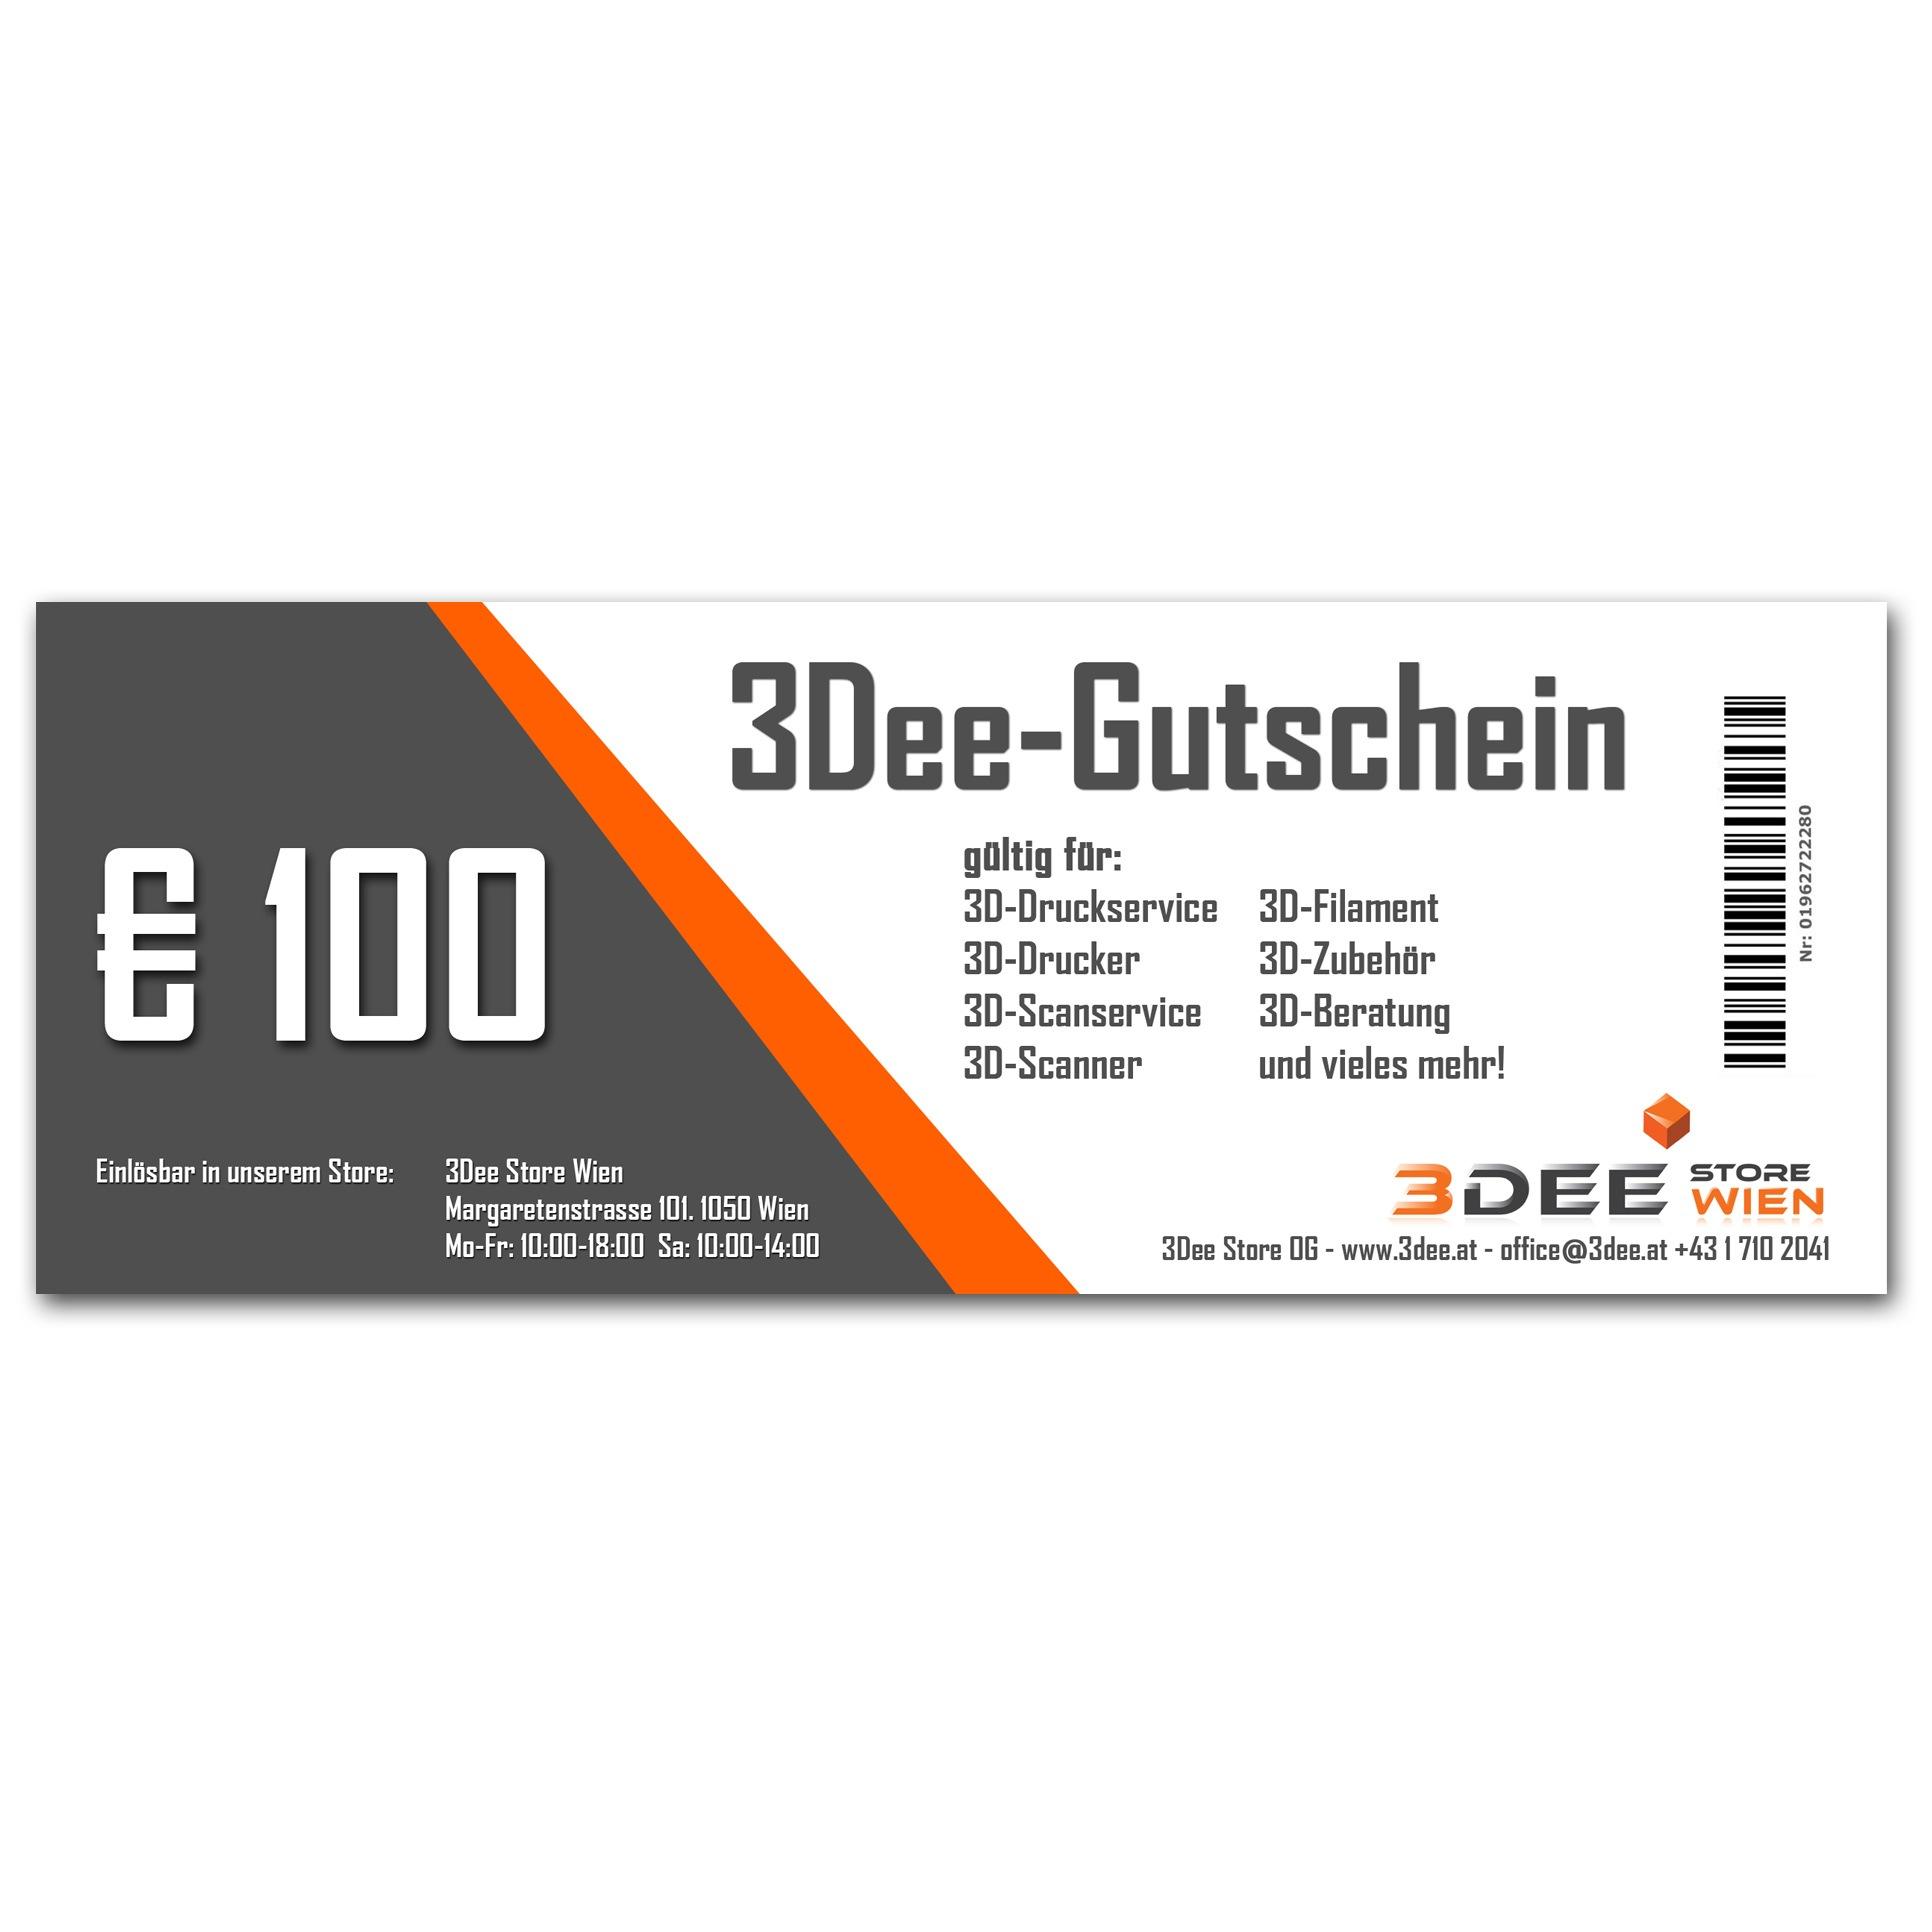 gutschein-3dee-3d-druck-100-eur.jpg